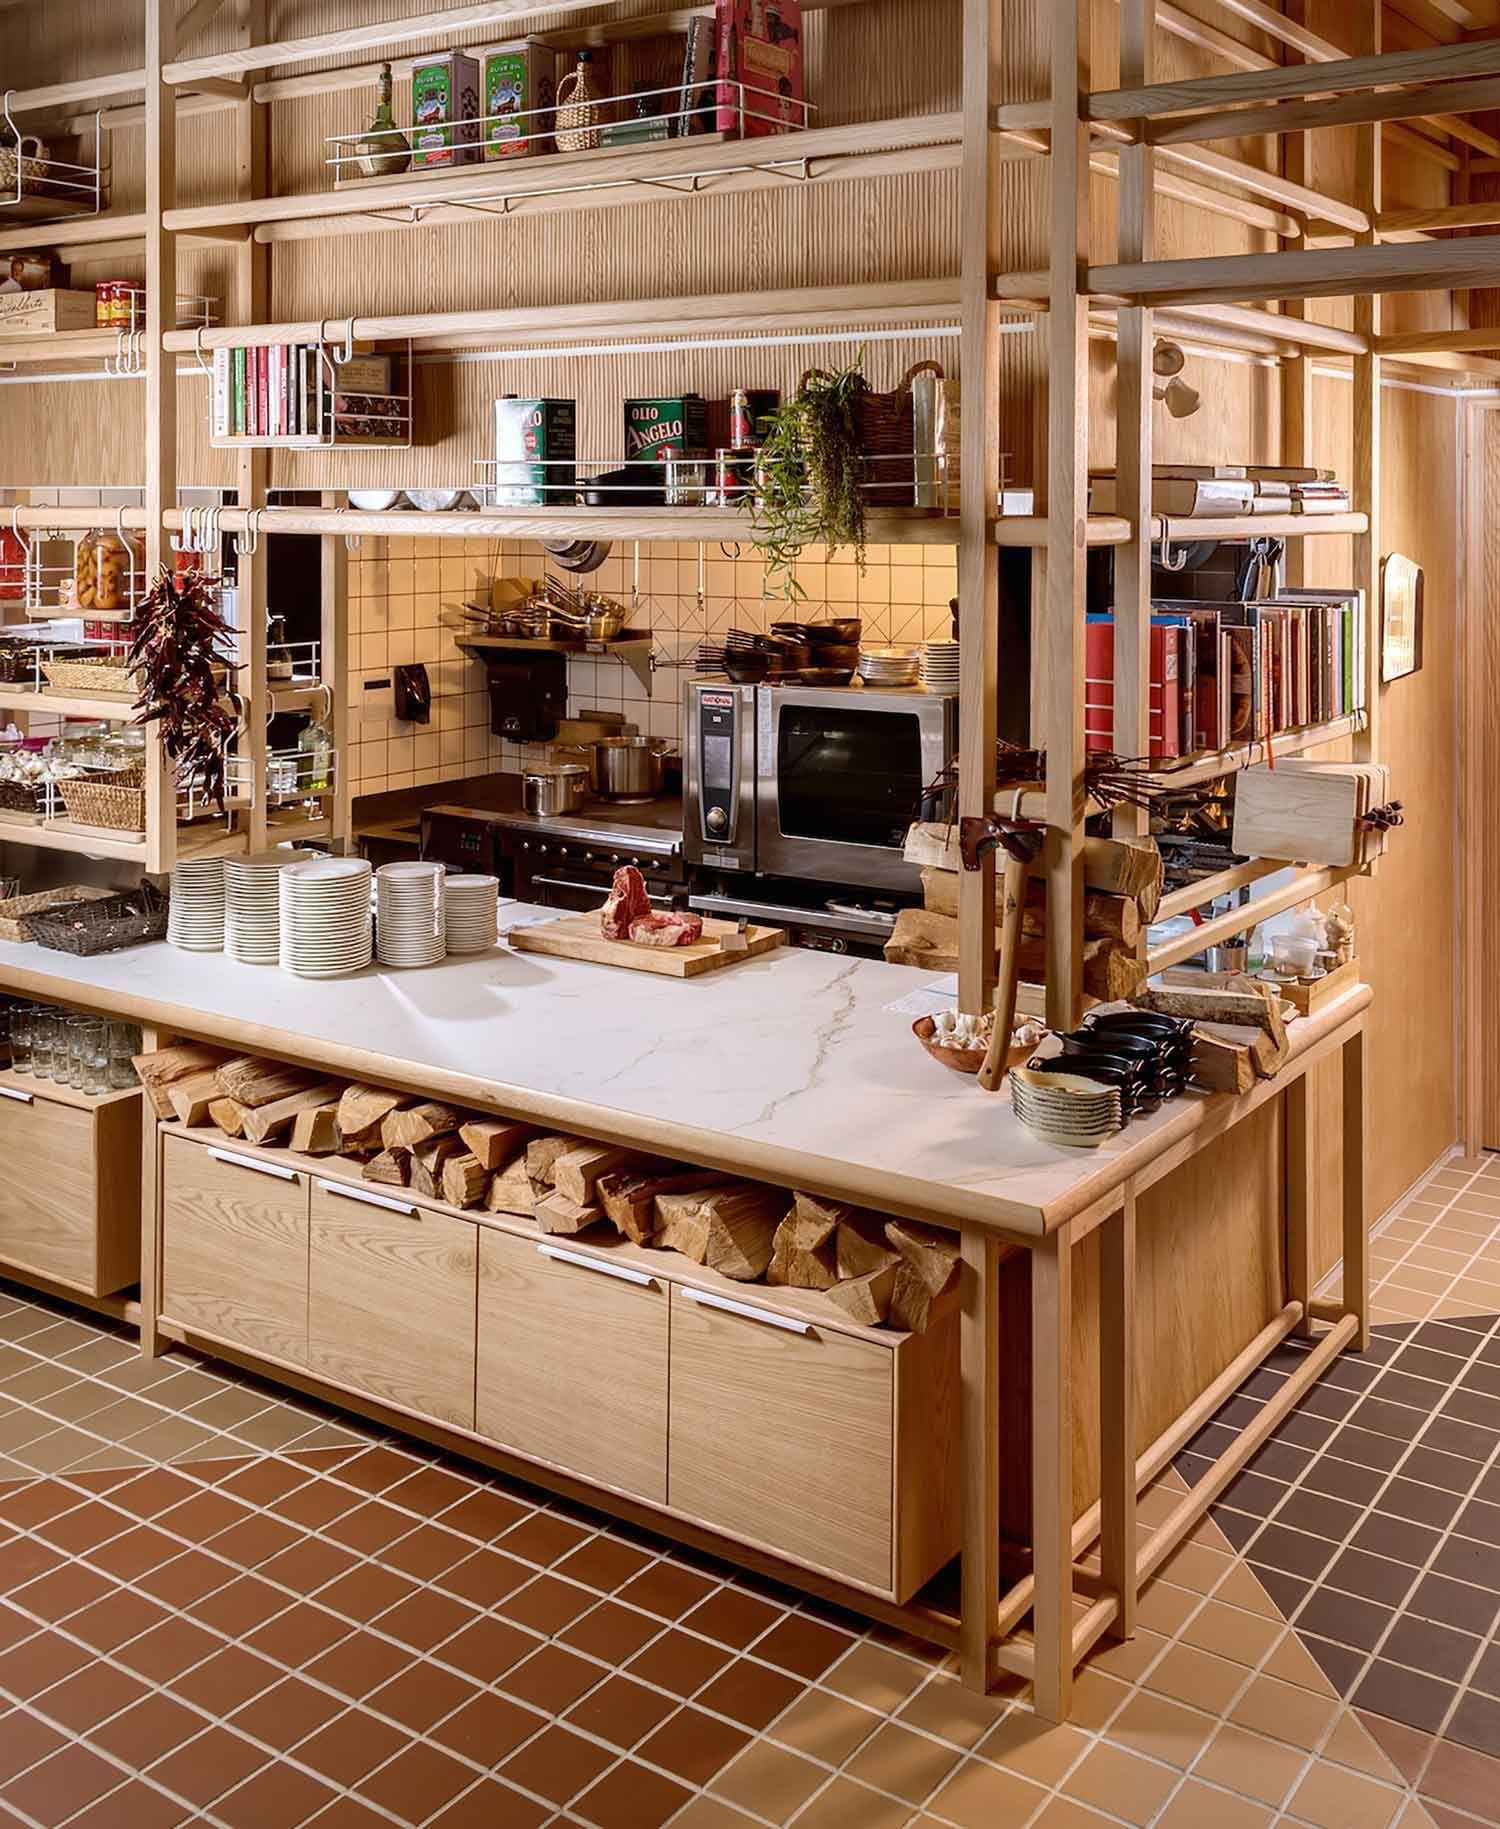 Restaurant Kitchen Pass: Osteria Savio Volpe By Ste Marie Design